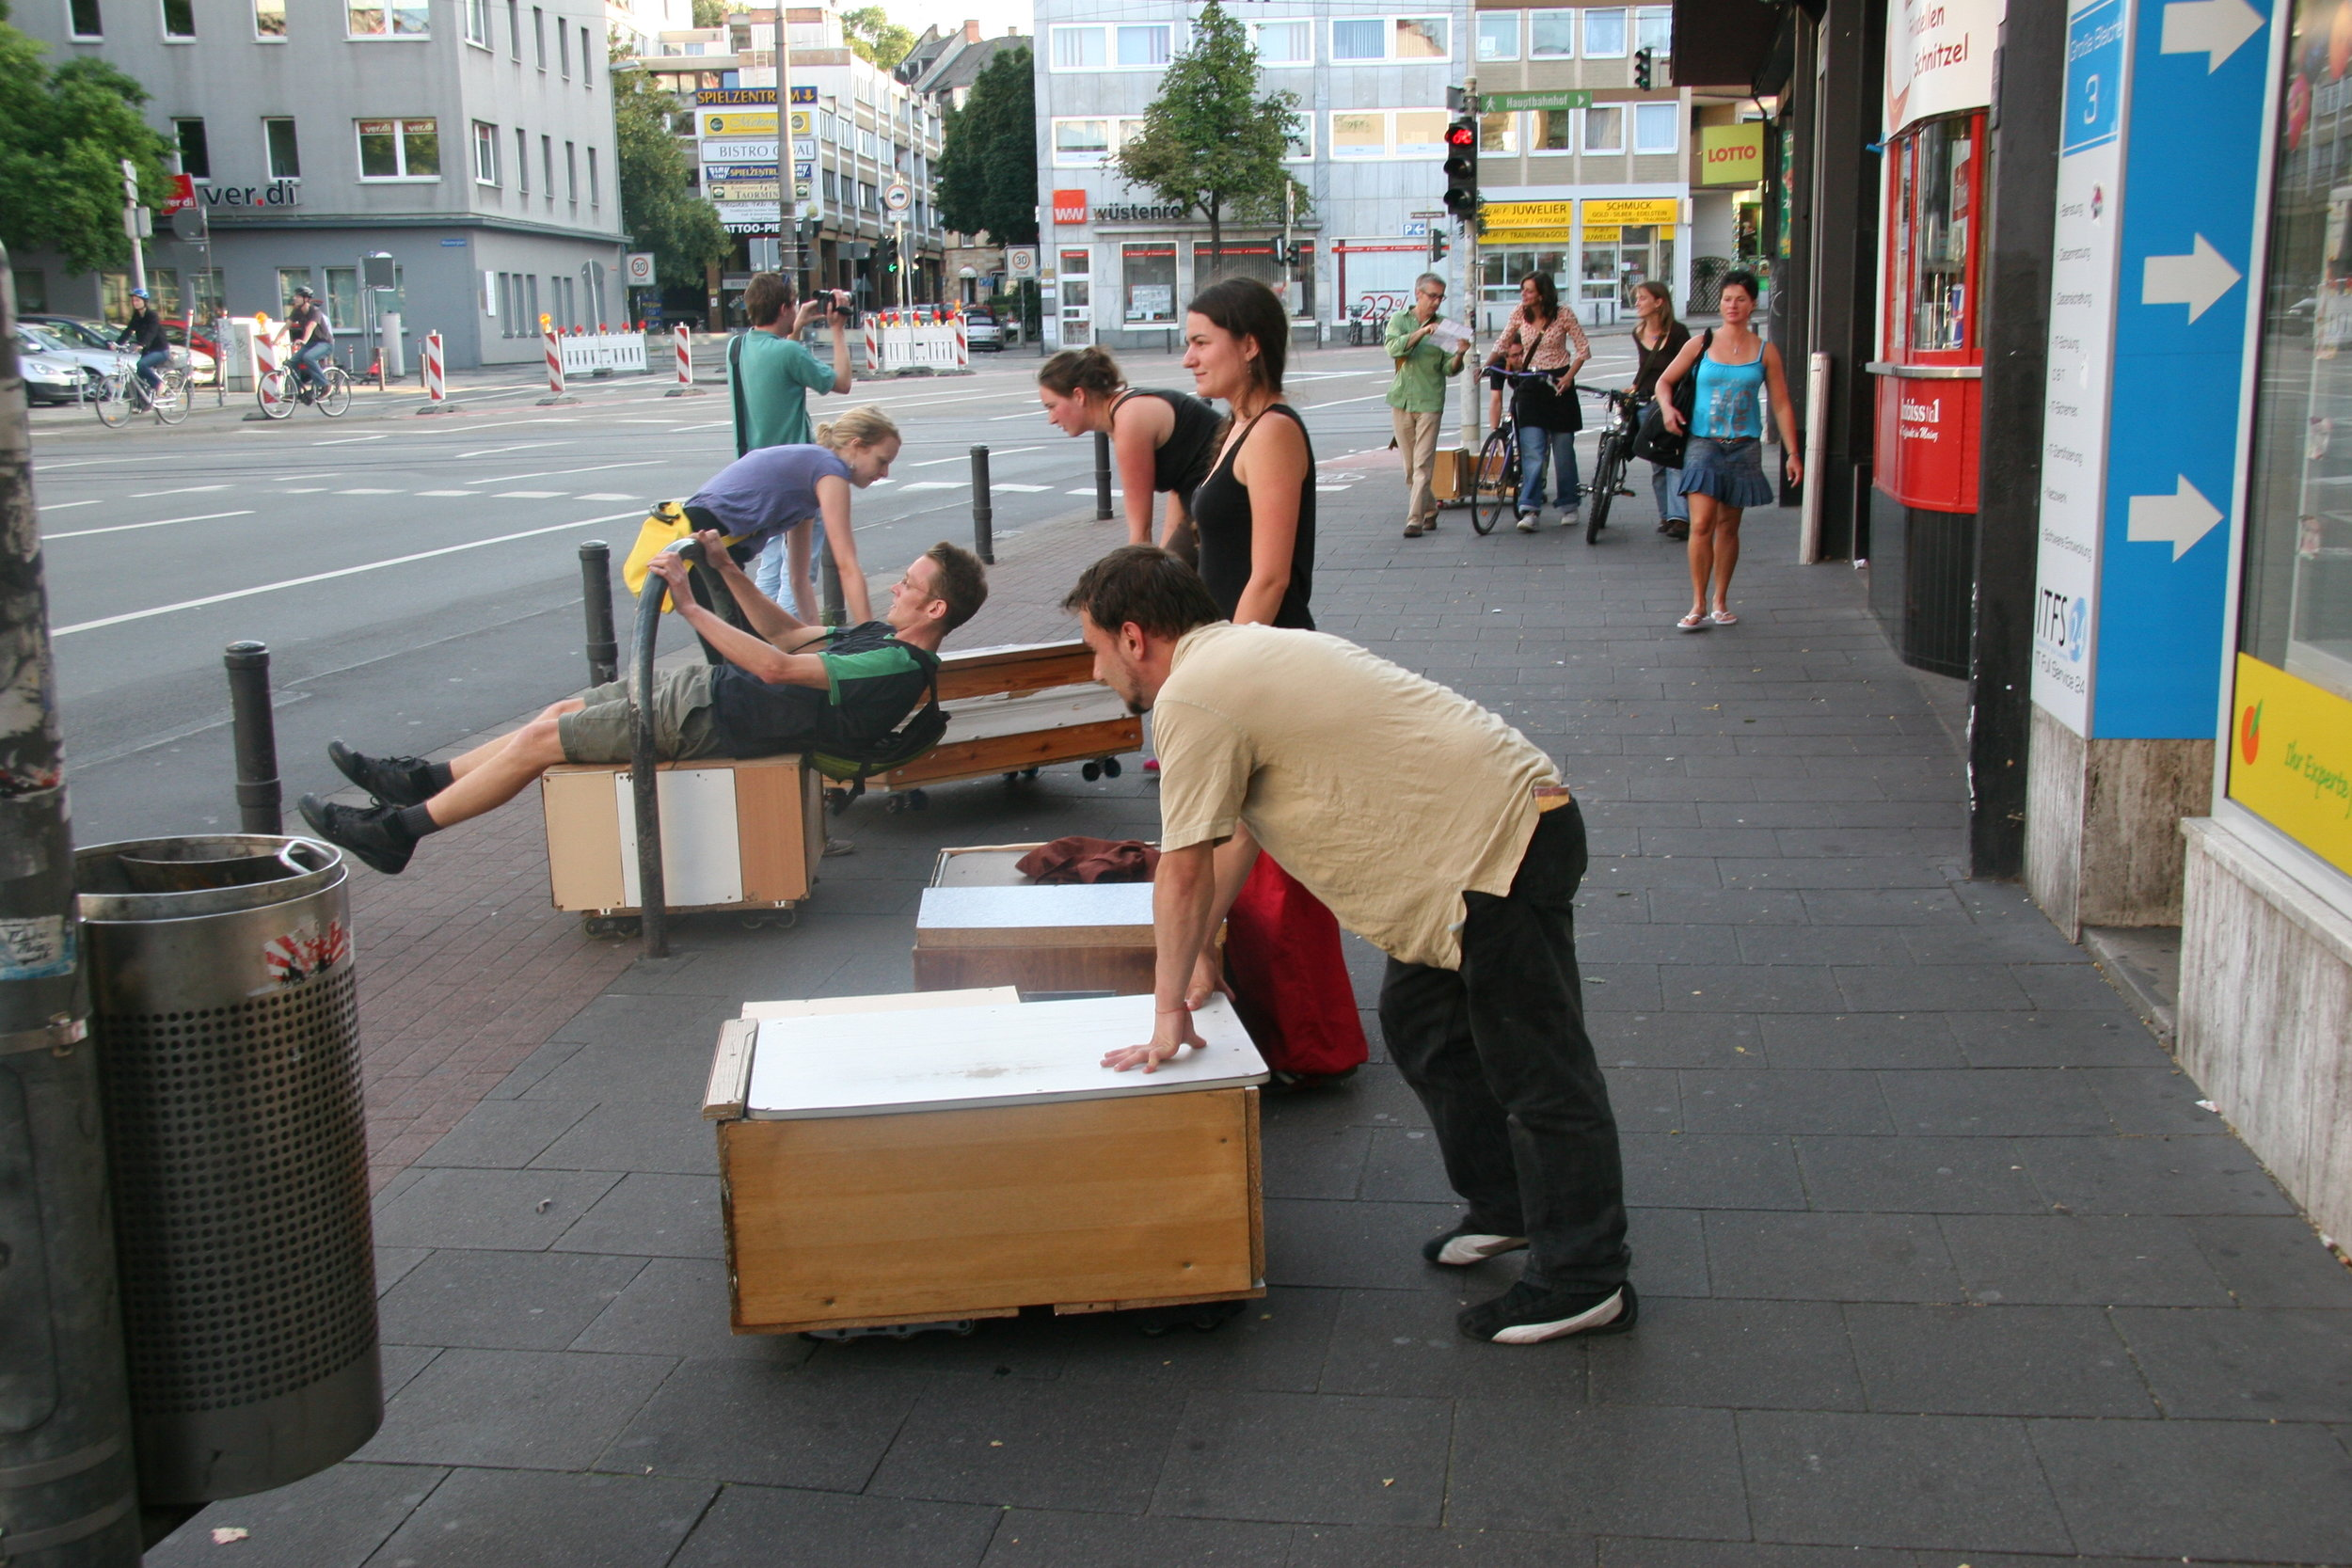 %22Mfg aus Upper Bleistein%22 3 ,2009, öffentlicher Raum,Foto Erik Cusminus.JPG